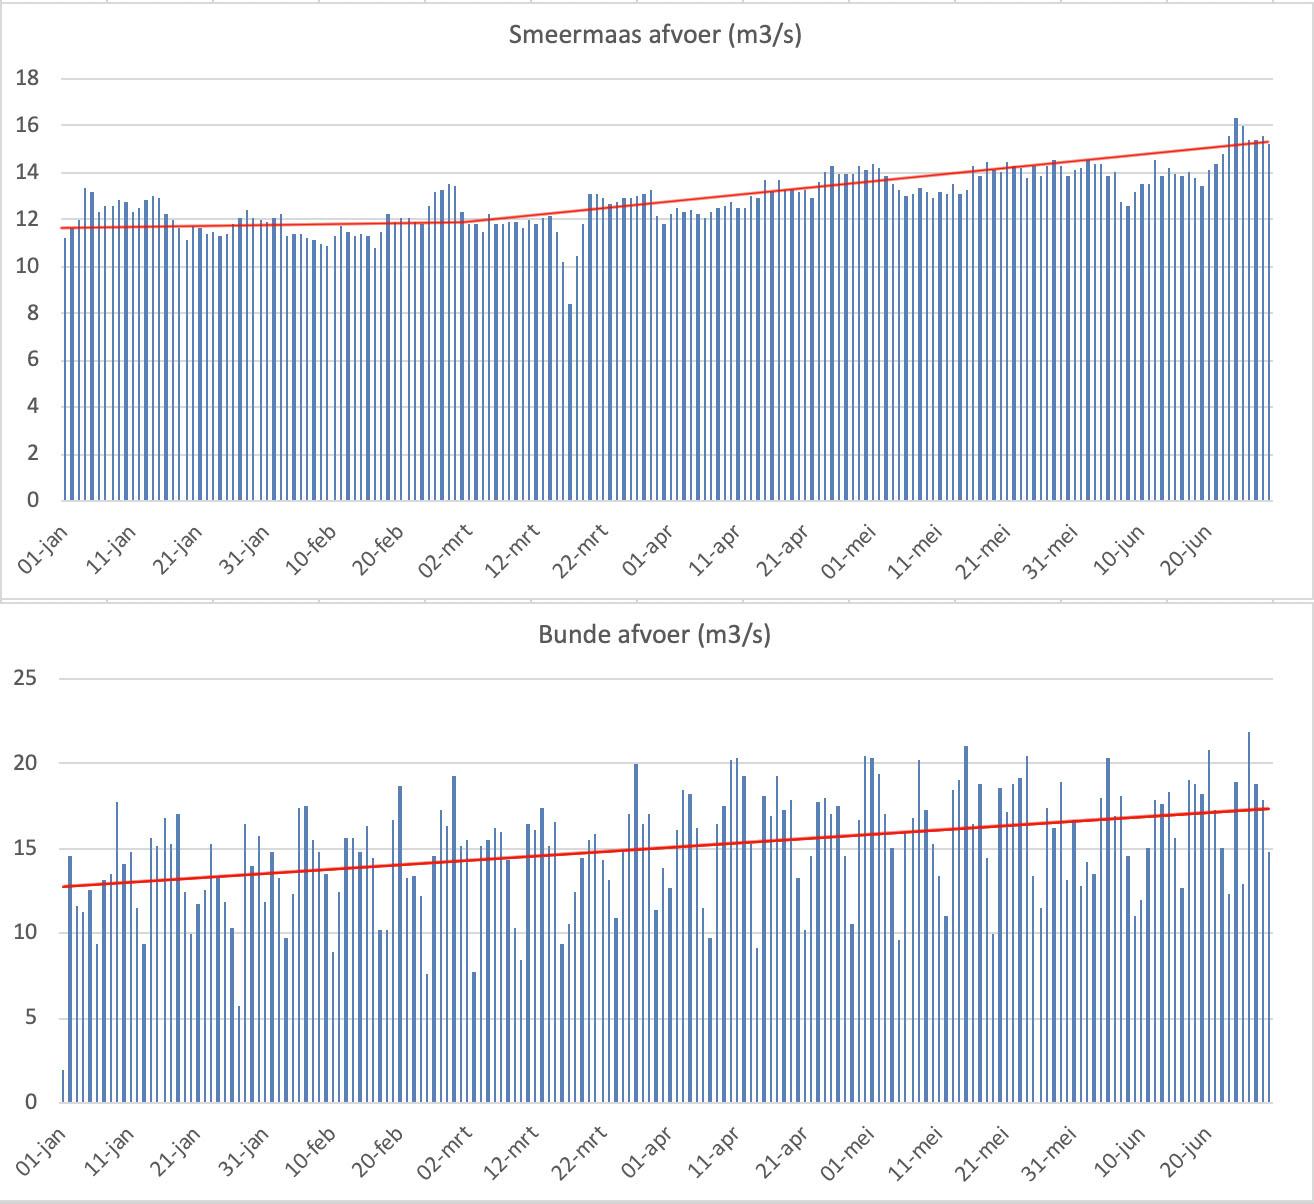 Daggemiddelde afvoer en trendlijn van de hoeveelheid Maaswater (n m3/s) die via de Zuid Willemsvaart (meetpunt Smeermaas) en het Julianaknaal (meetpunt Bunde) stroomt.